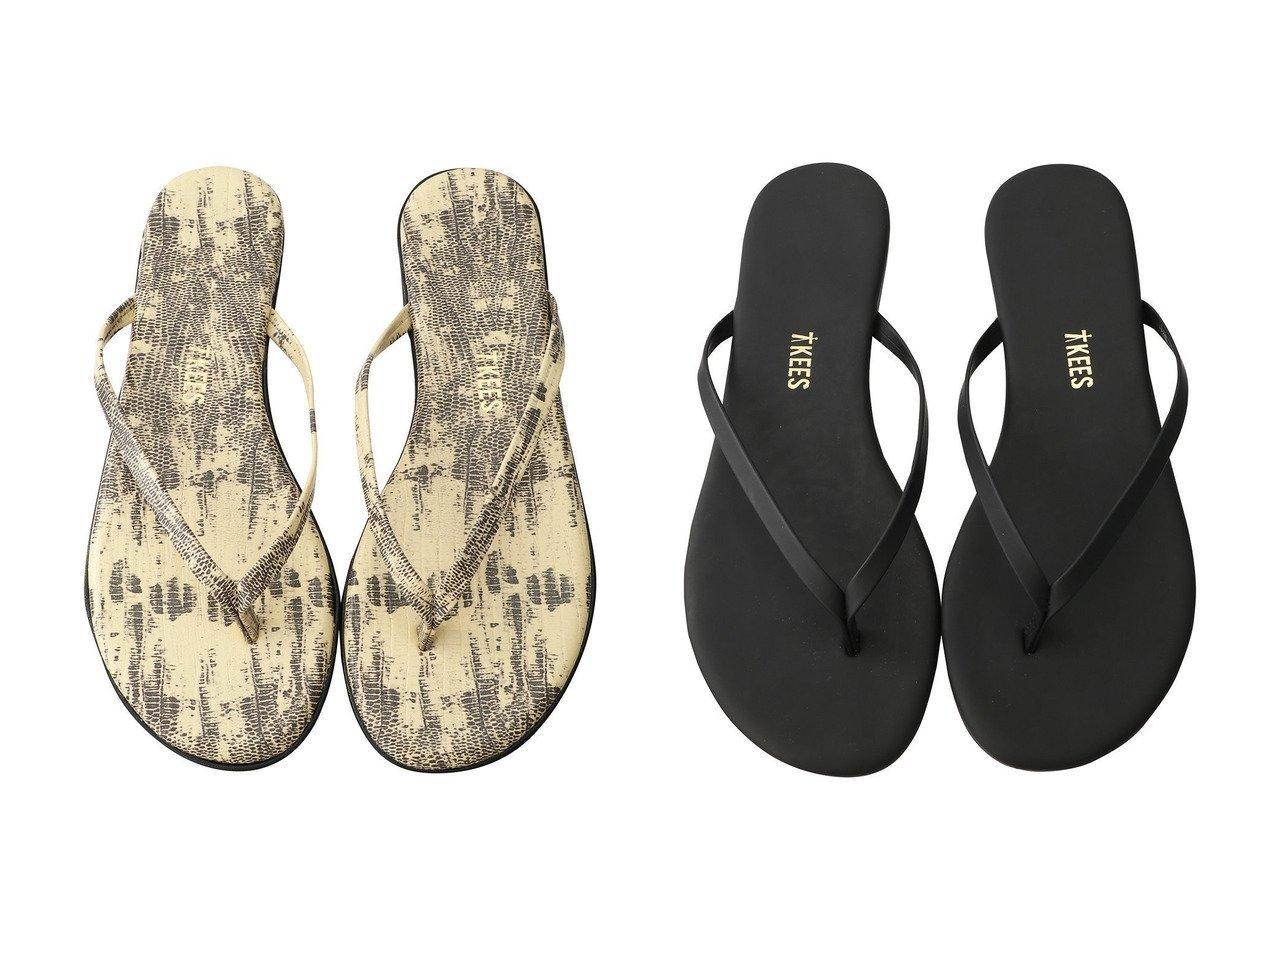 【GALLARDAGALANTE/ガリャルダガランテ】の【TKEES】トングサンダル/Black&【TKEES】トングサンダル/Milk Snake 【シューズ・靴】おすすめ!人気、トレンド・レディースファッションの通販 おすすめで人気の流行・トレンド、ファッションの通販商品 メンズファッション・キッズファッション・インテリア・家具・レディースファッション・服の通販 founy(ファニー) https://founy.com/ ファッション Fashion レディースファッション WOMEN サンダル ビーチ フラット 定番 Standard |ID:crp329100000035466